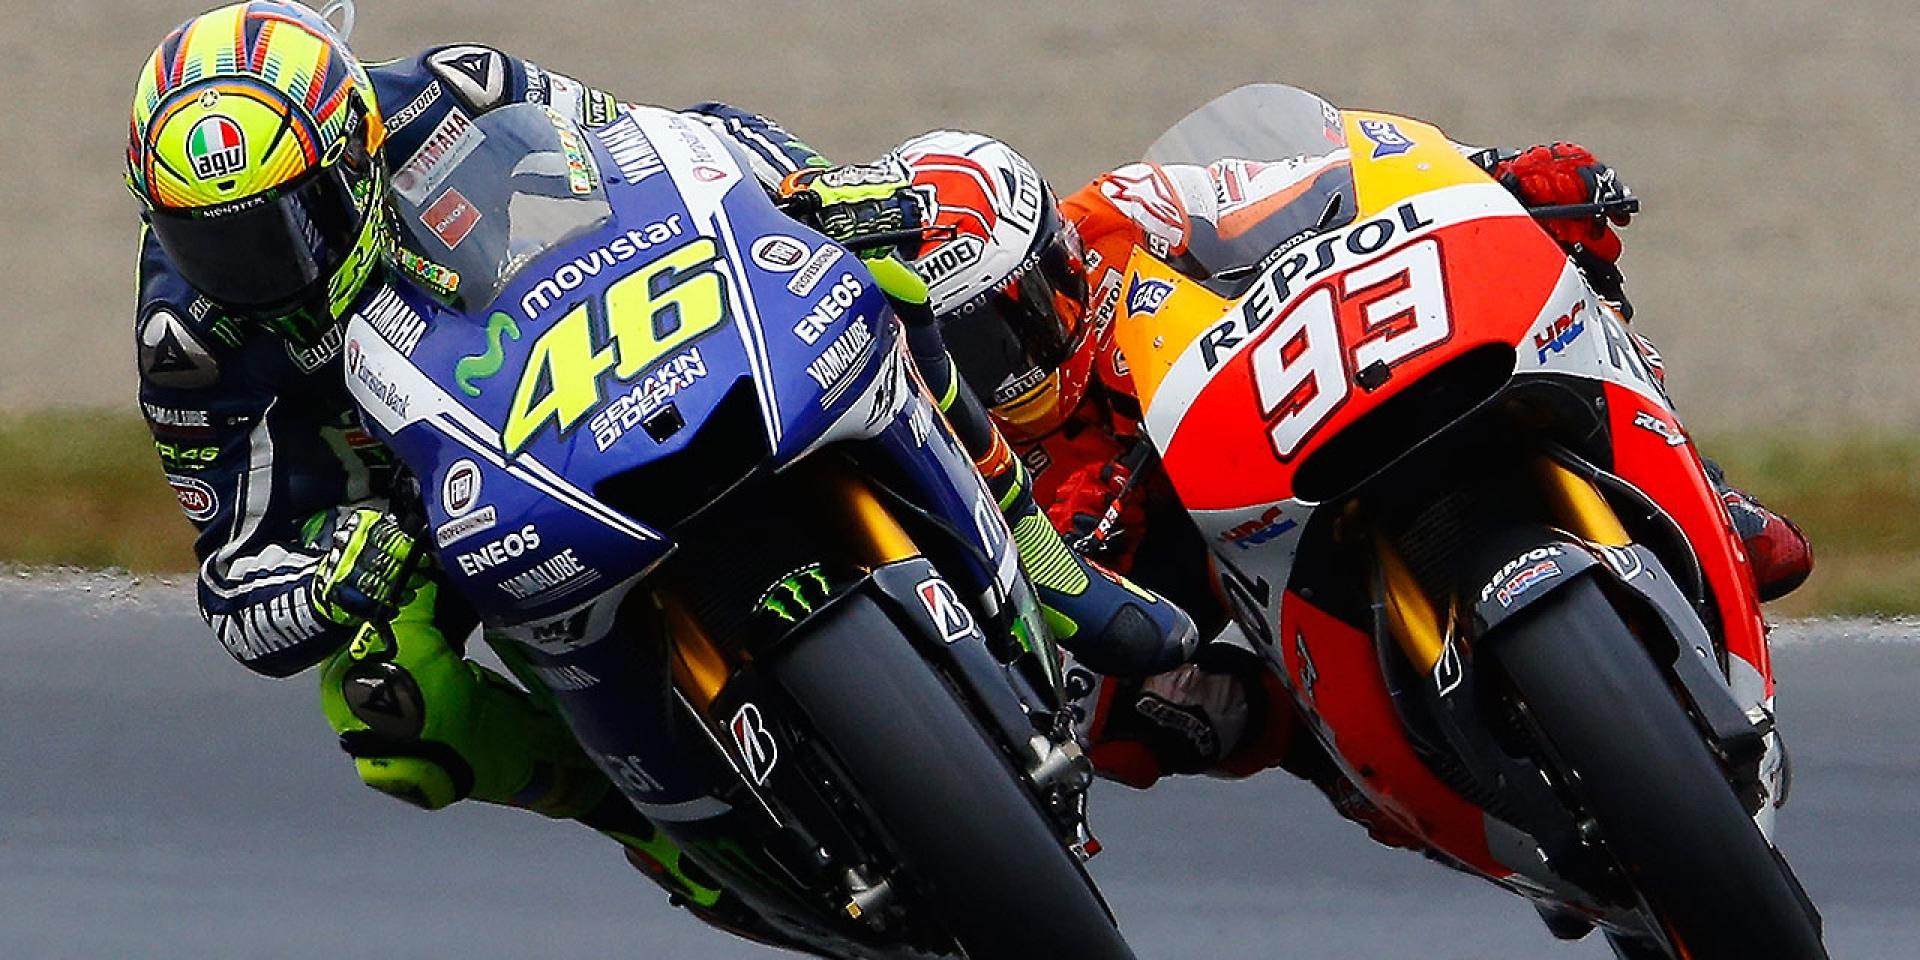 這不是我要的成績!Valentino Rossi:「距離上一次的分站冠軍,好像過了一輩子這麼久了」